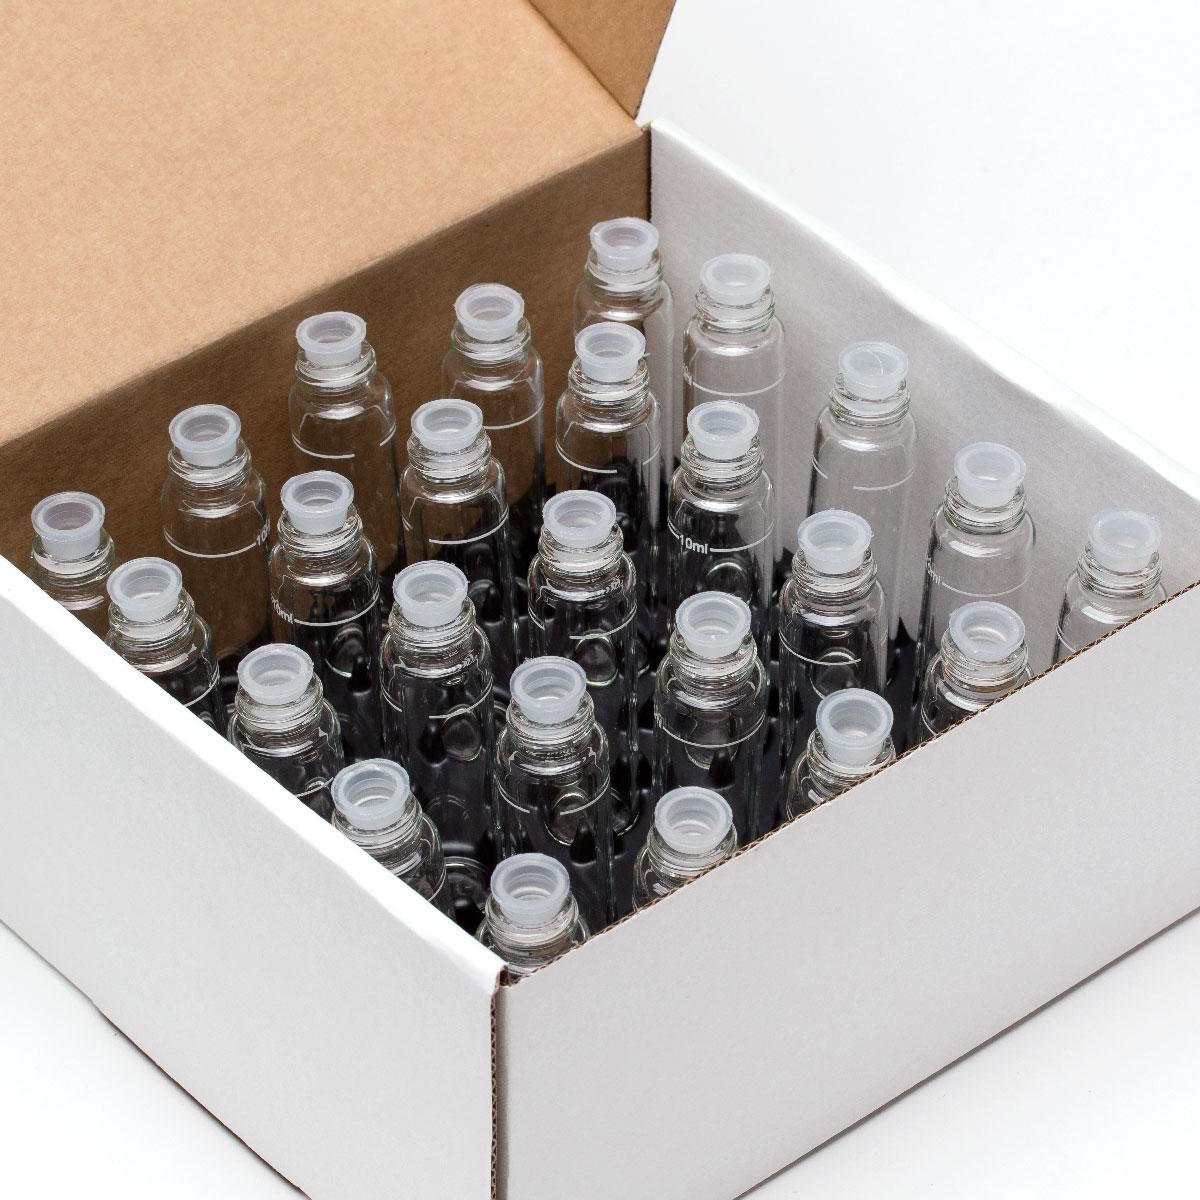 Cubetas de Vidrio Redondas para HI759 (25 Piezas) - HI731359